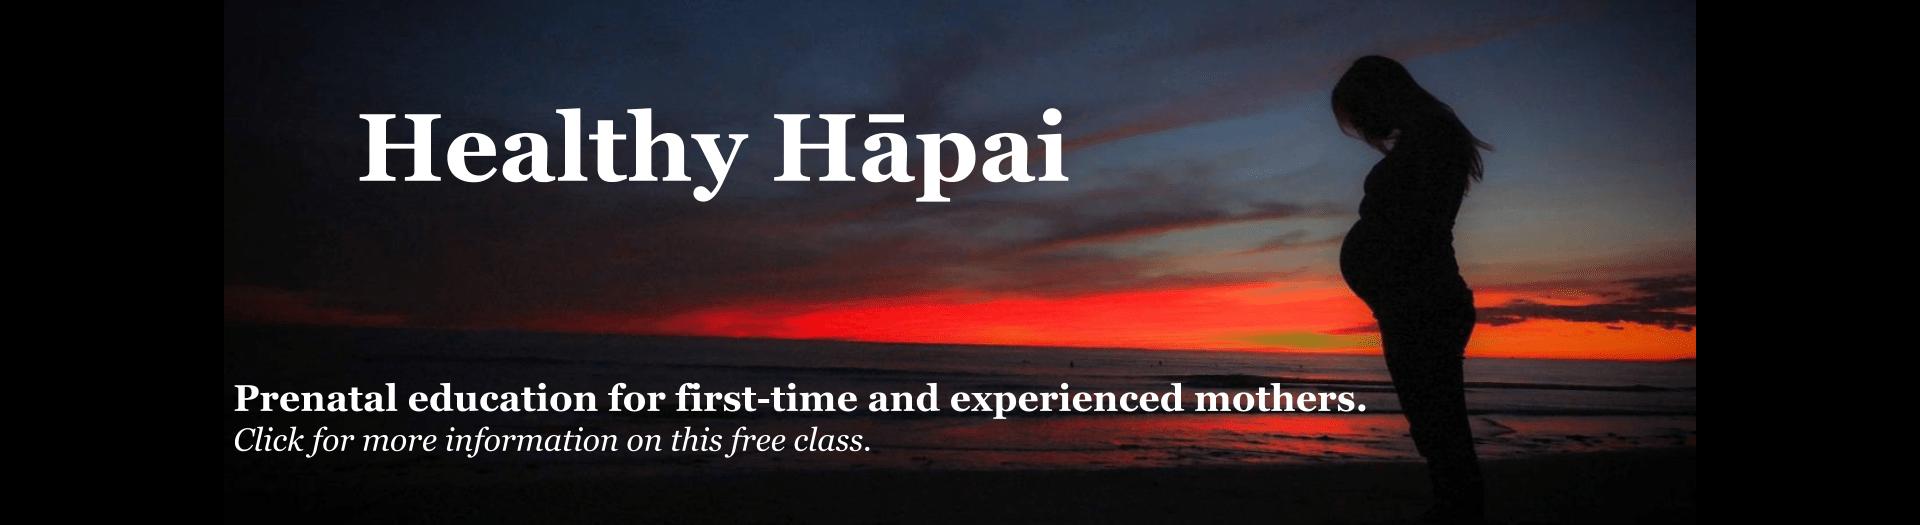 Healthy Hapai